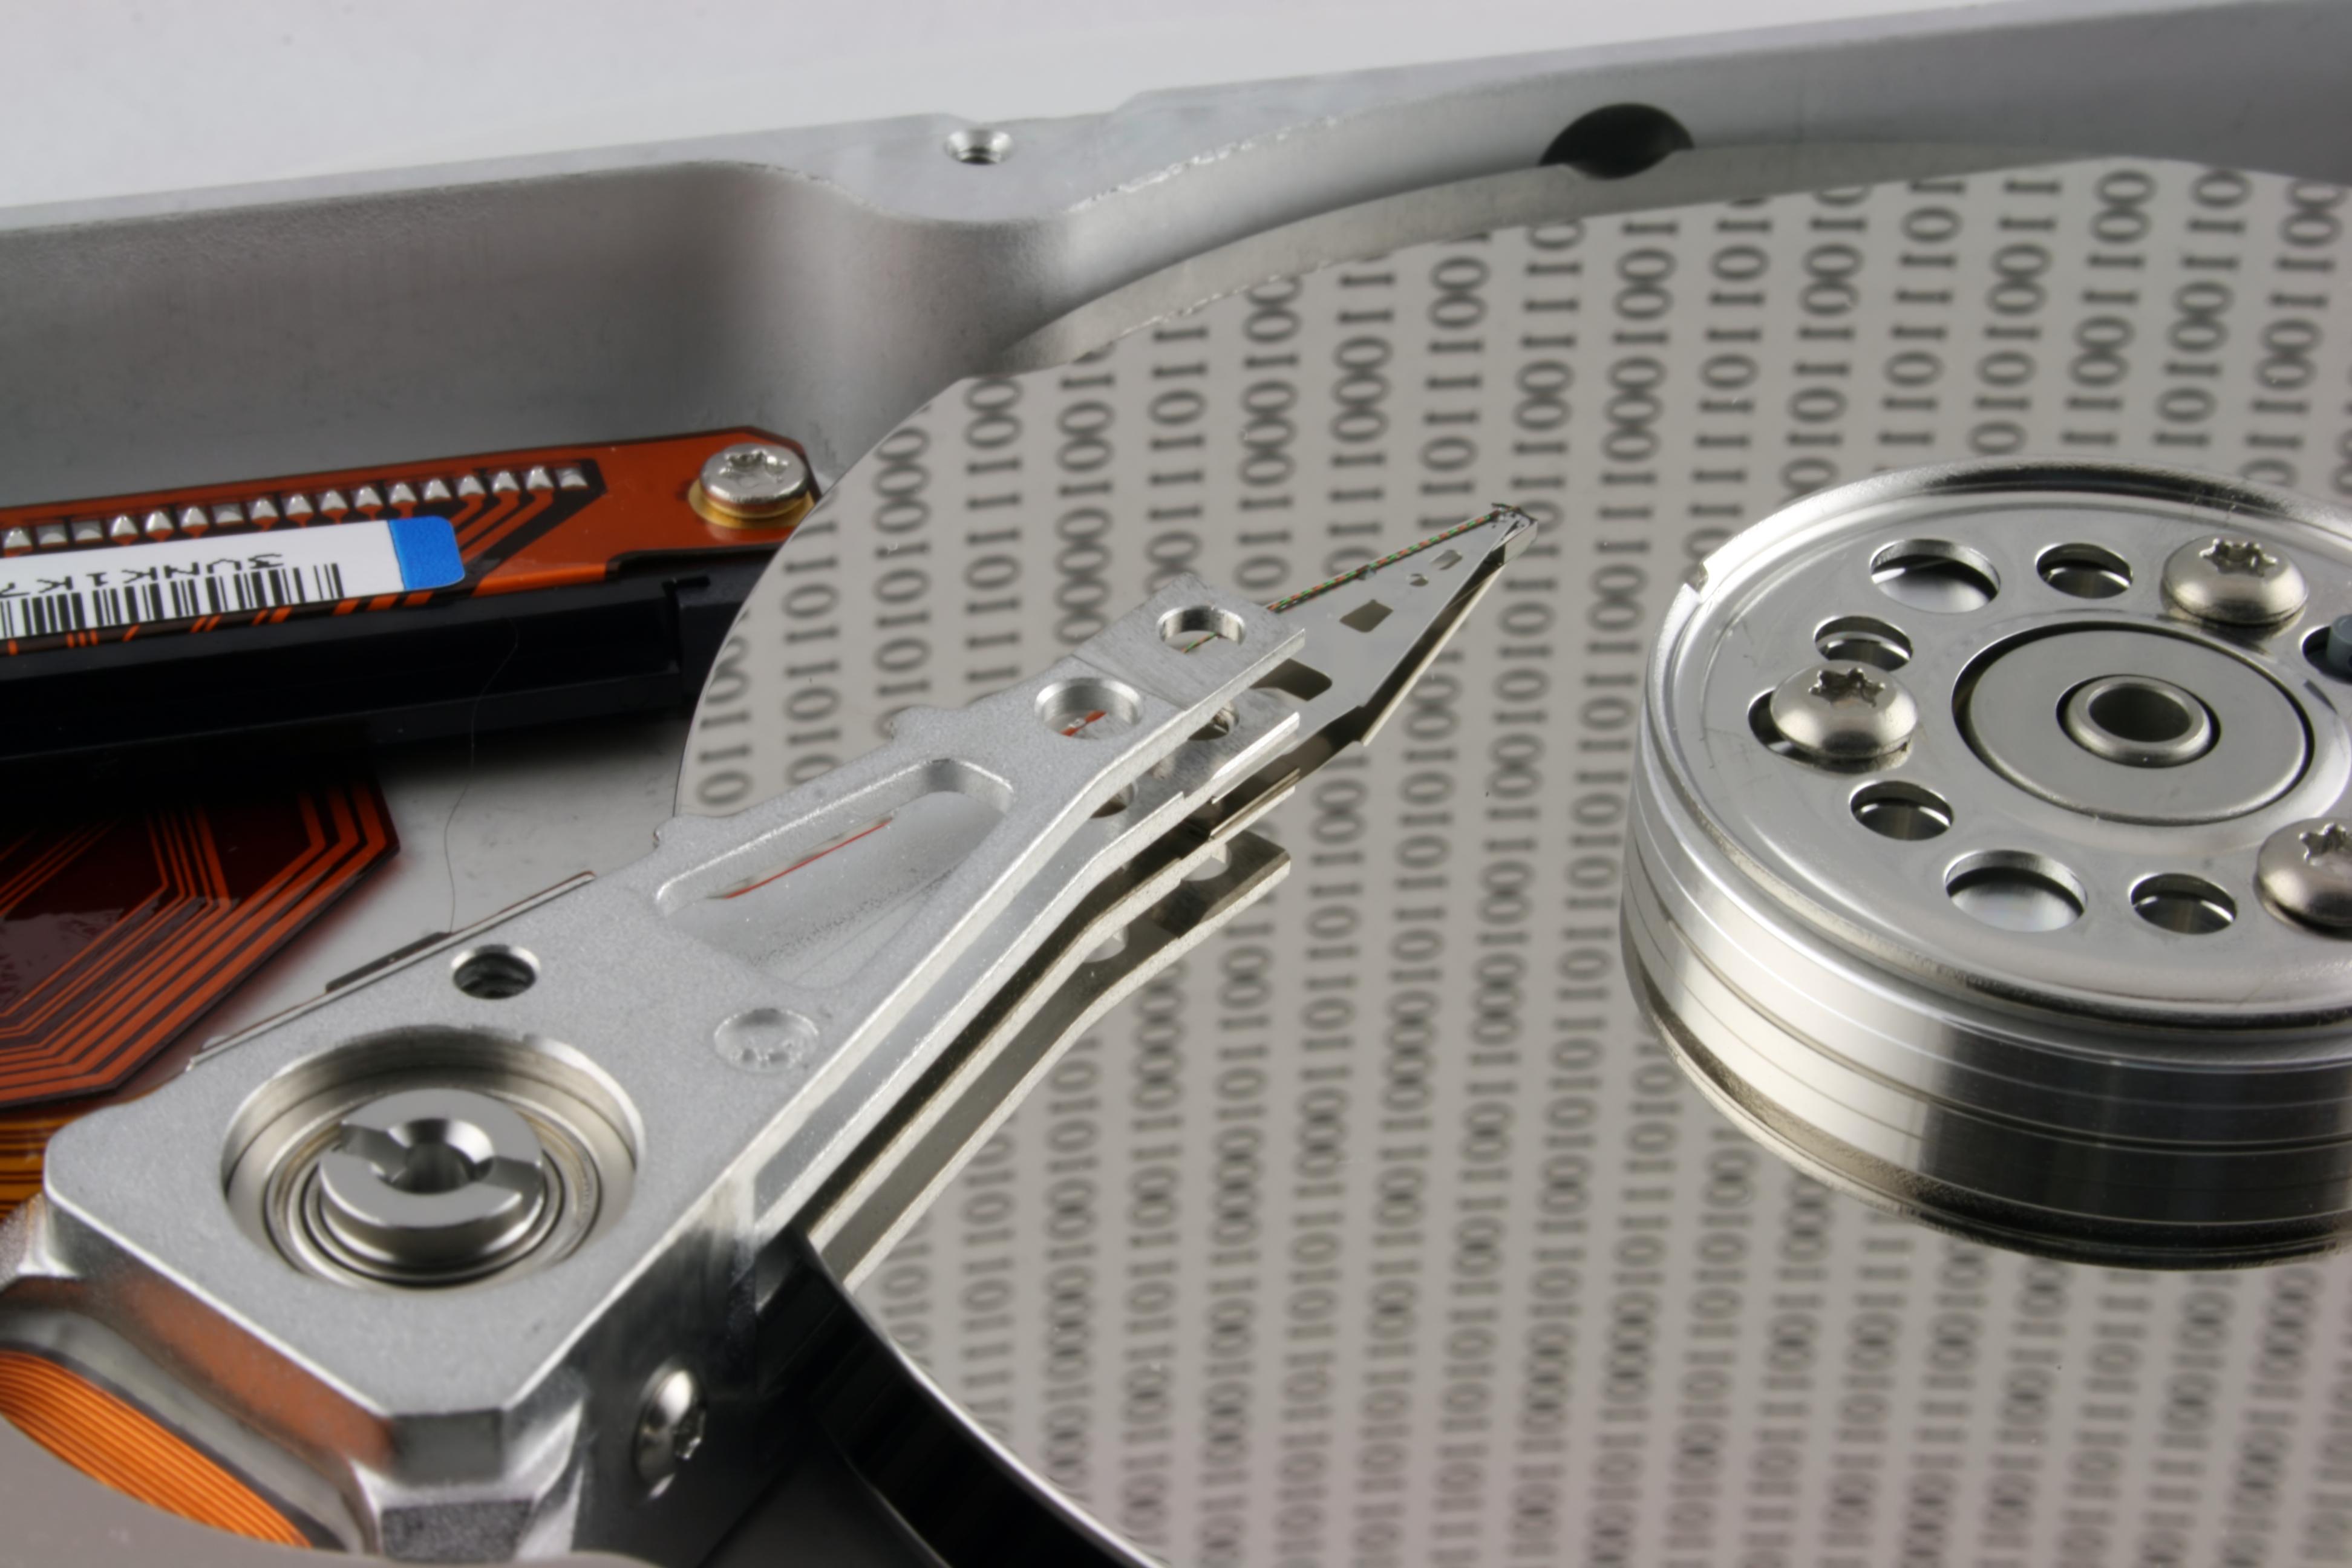 Dataredning er også at hente data ud fra defekter harddiske